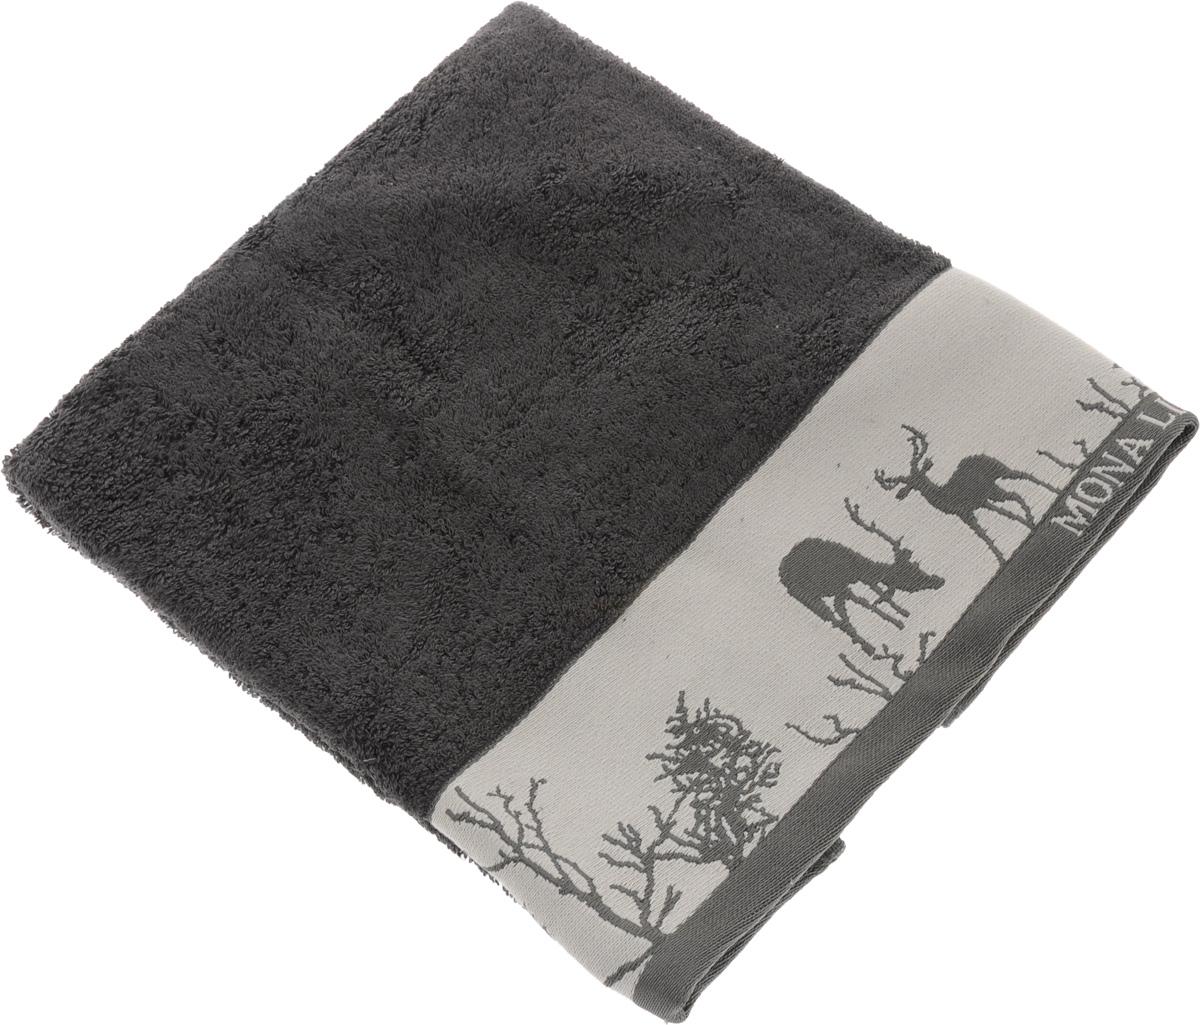 Полотенце Mona Liza Wild, цвет: графит, светло-серый, 50 х 90 см4786Мягкое полотенце Wild изготовлено из 30% хлопка и 70% бамбукового волокна. Полотенце Wild с жаккардовым бордюром обладает высокой впитывающей способностью и сочетает в себе элегантную роскошь и практичность. Благодаря высокому качеству изготовления, полотенце будет радовать вас многие годы. Мотивы коллекции Mona Liza Premium bu Serg Look навеяны итальянскими фресками эпохи Ренессанса, периода удивительной гармонии в искусстве. В представленной коллекции для нанесения на ткань рисунка применяется многоцветная печать, метод реактивного крашения, который позволяет создать уникальную цветовую гамму, напоминающую старинные фрески. Этот метод также обеспечивает высокую устойчивость краски при стирке.